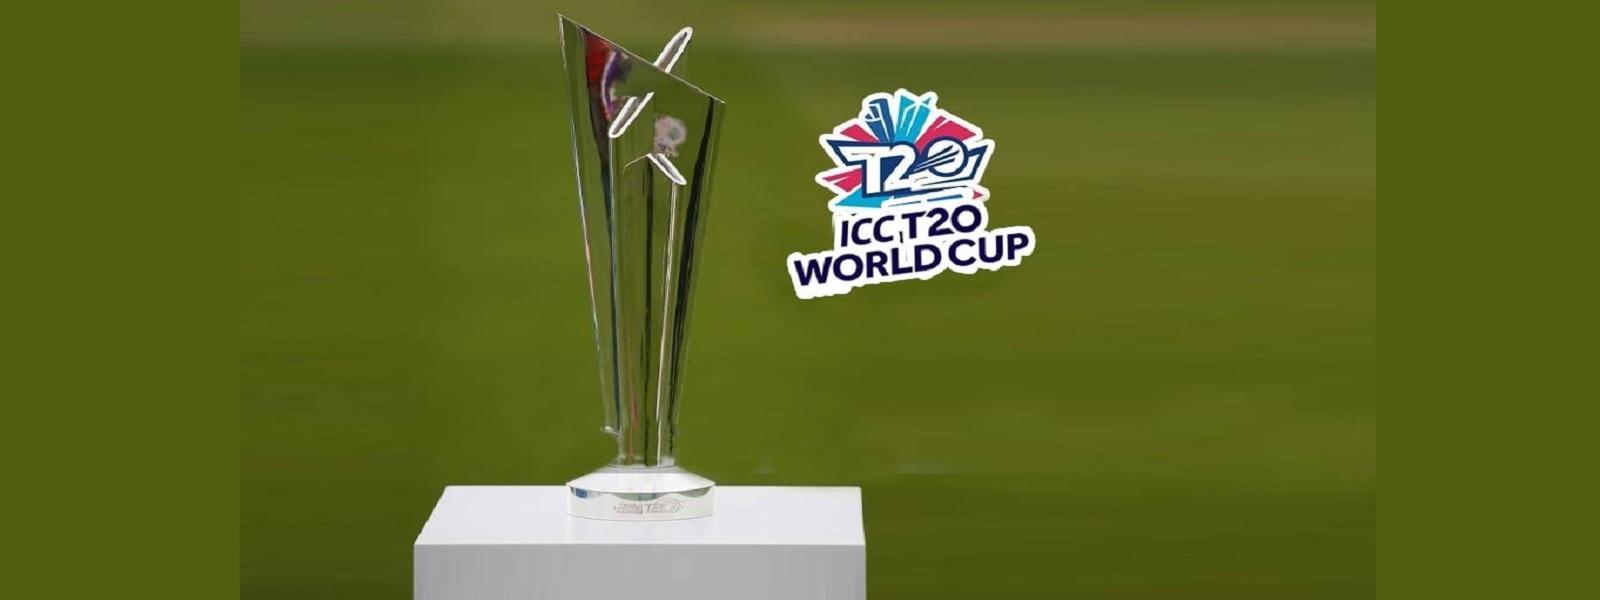 உலகக்கிண்ண T20 கிரிக்கெட் தொடருக்கான குழு விபரங்கள் வௌியீடு